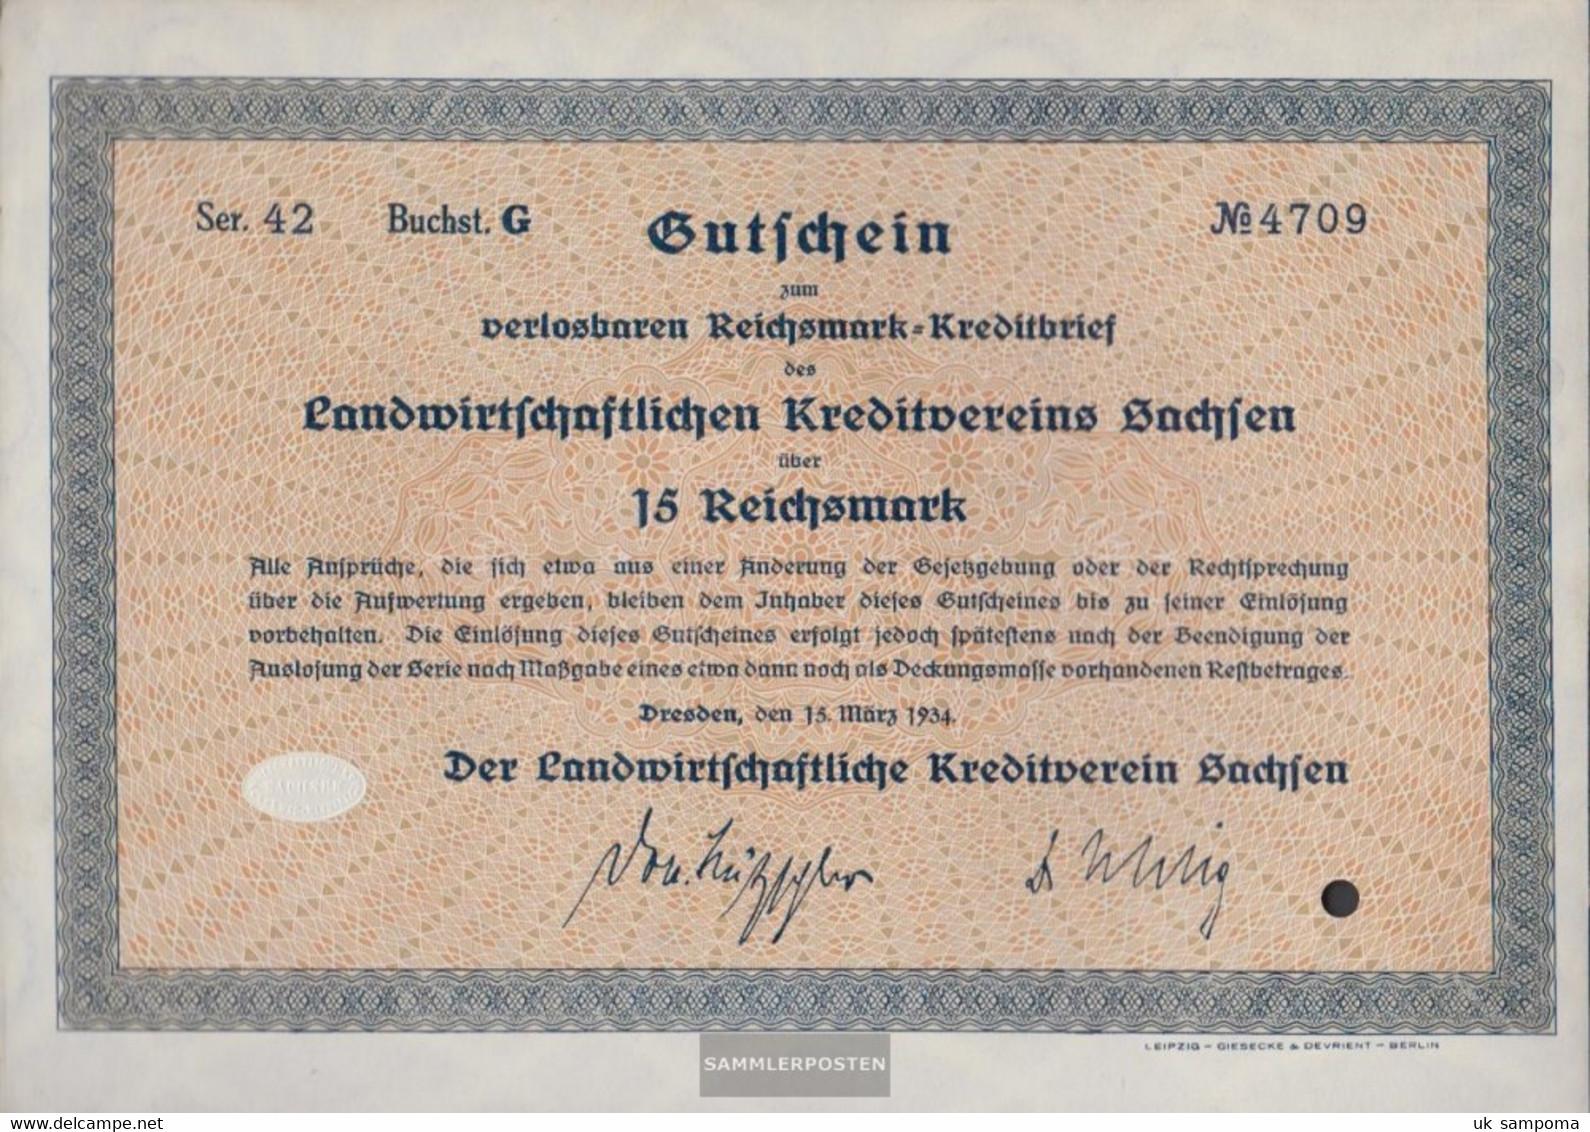 German Empire 15 Reichsmark, Gutschein Druckfrisch 1934 Landwirts. Kreditverein Saxony - Unclassified